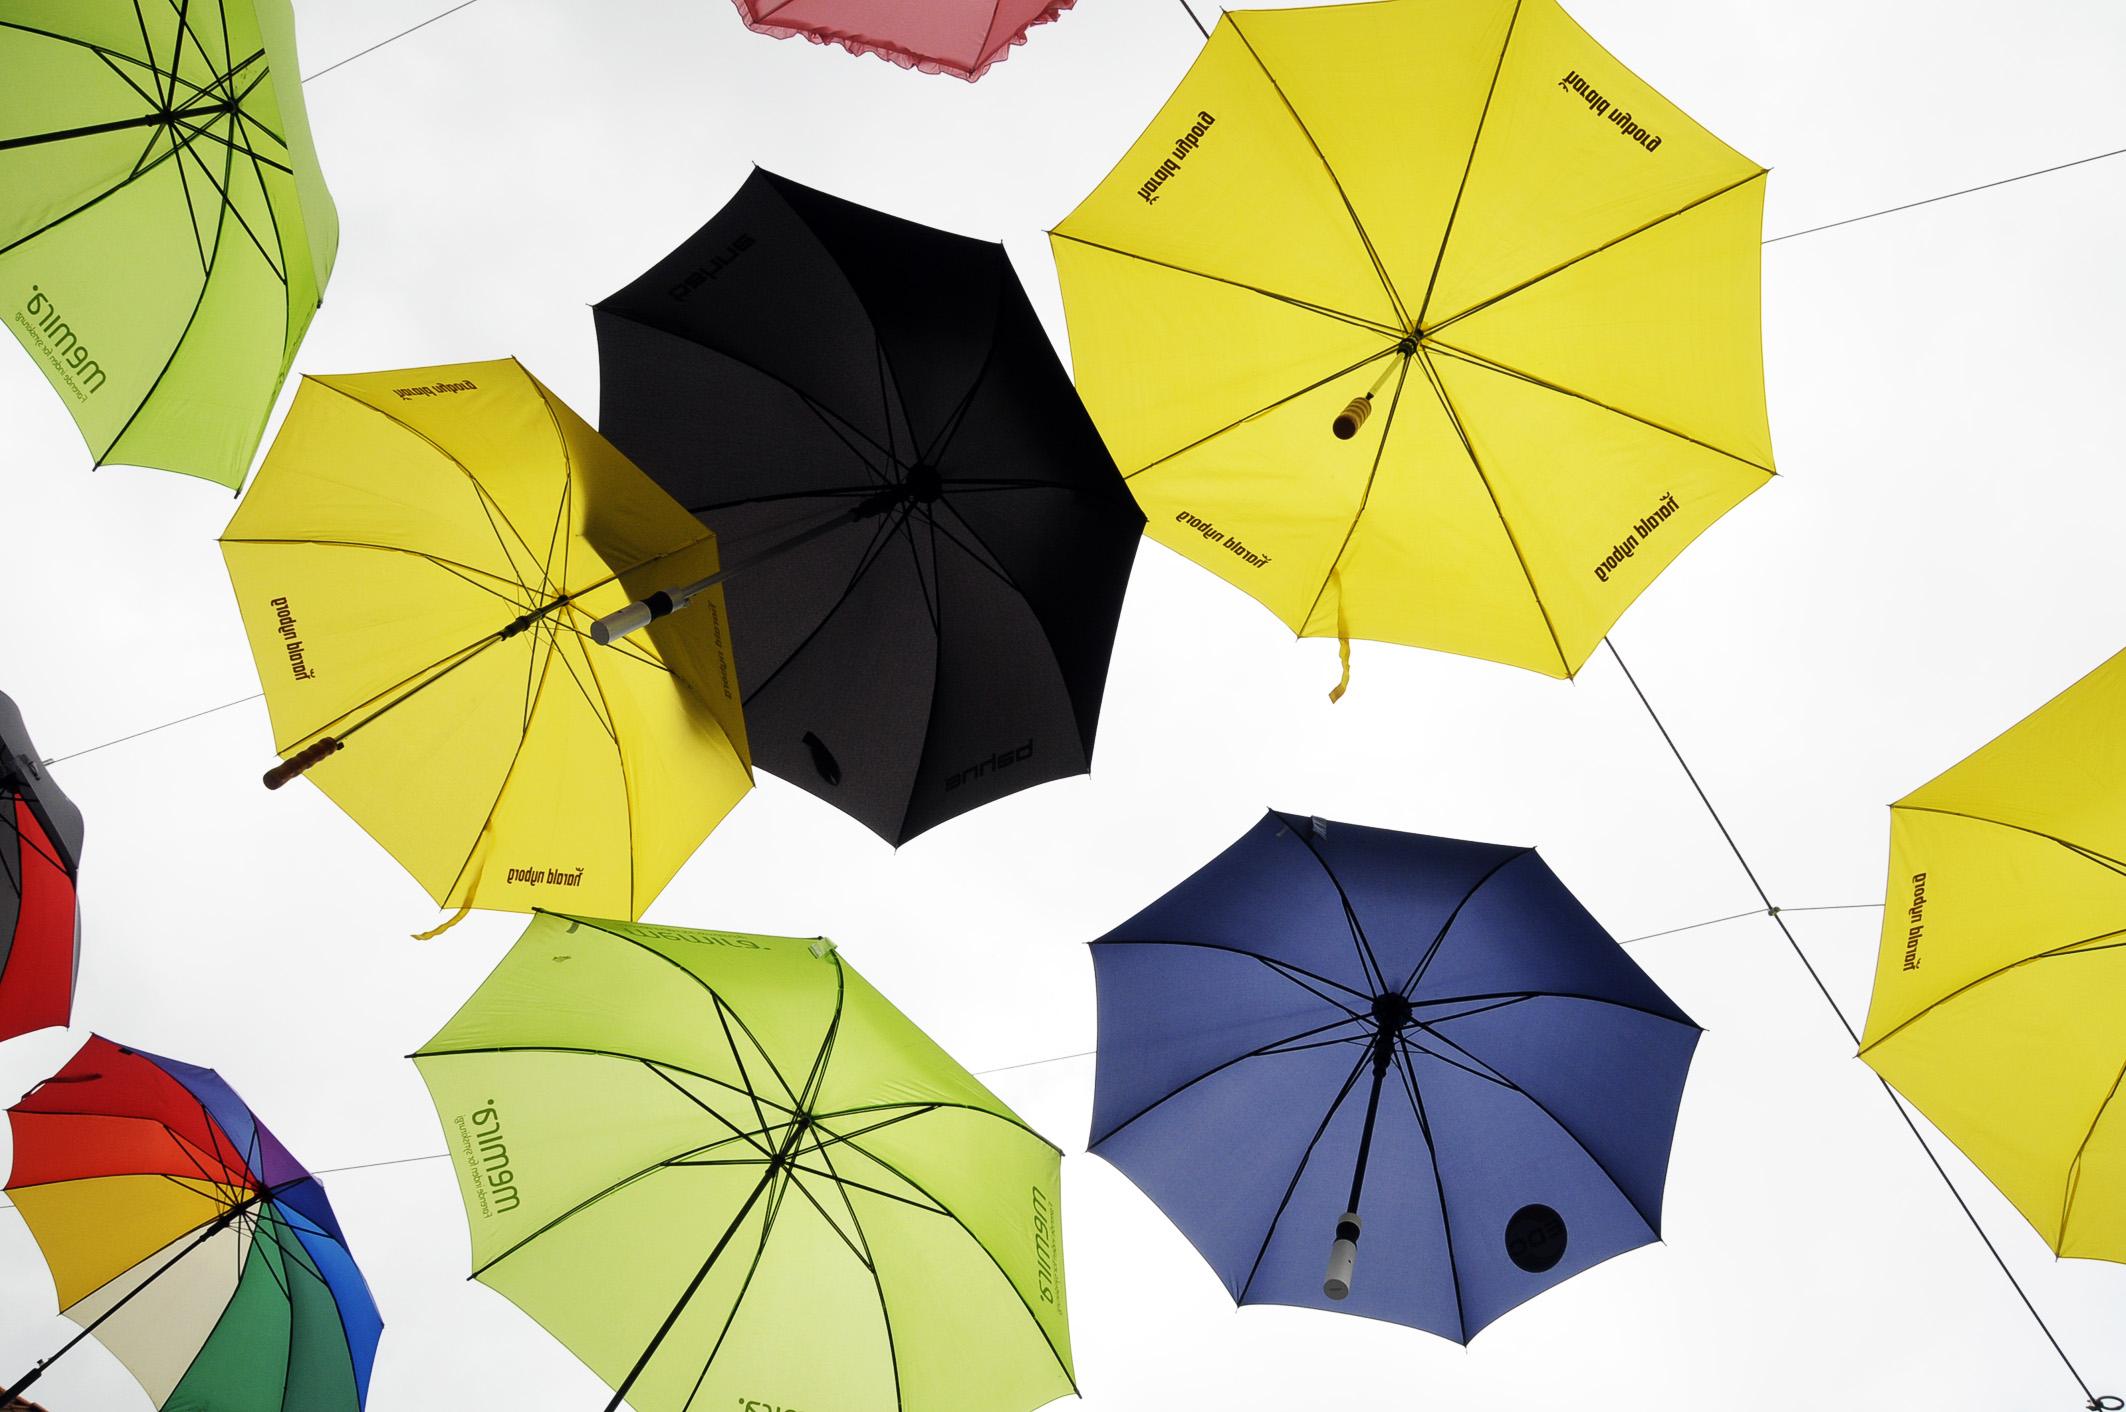 Foto: Mehrere Regenschirme